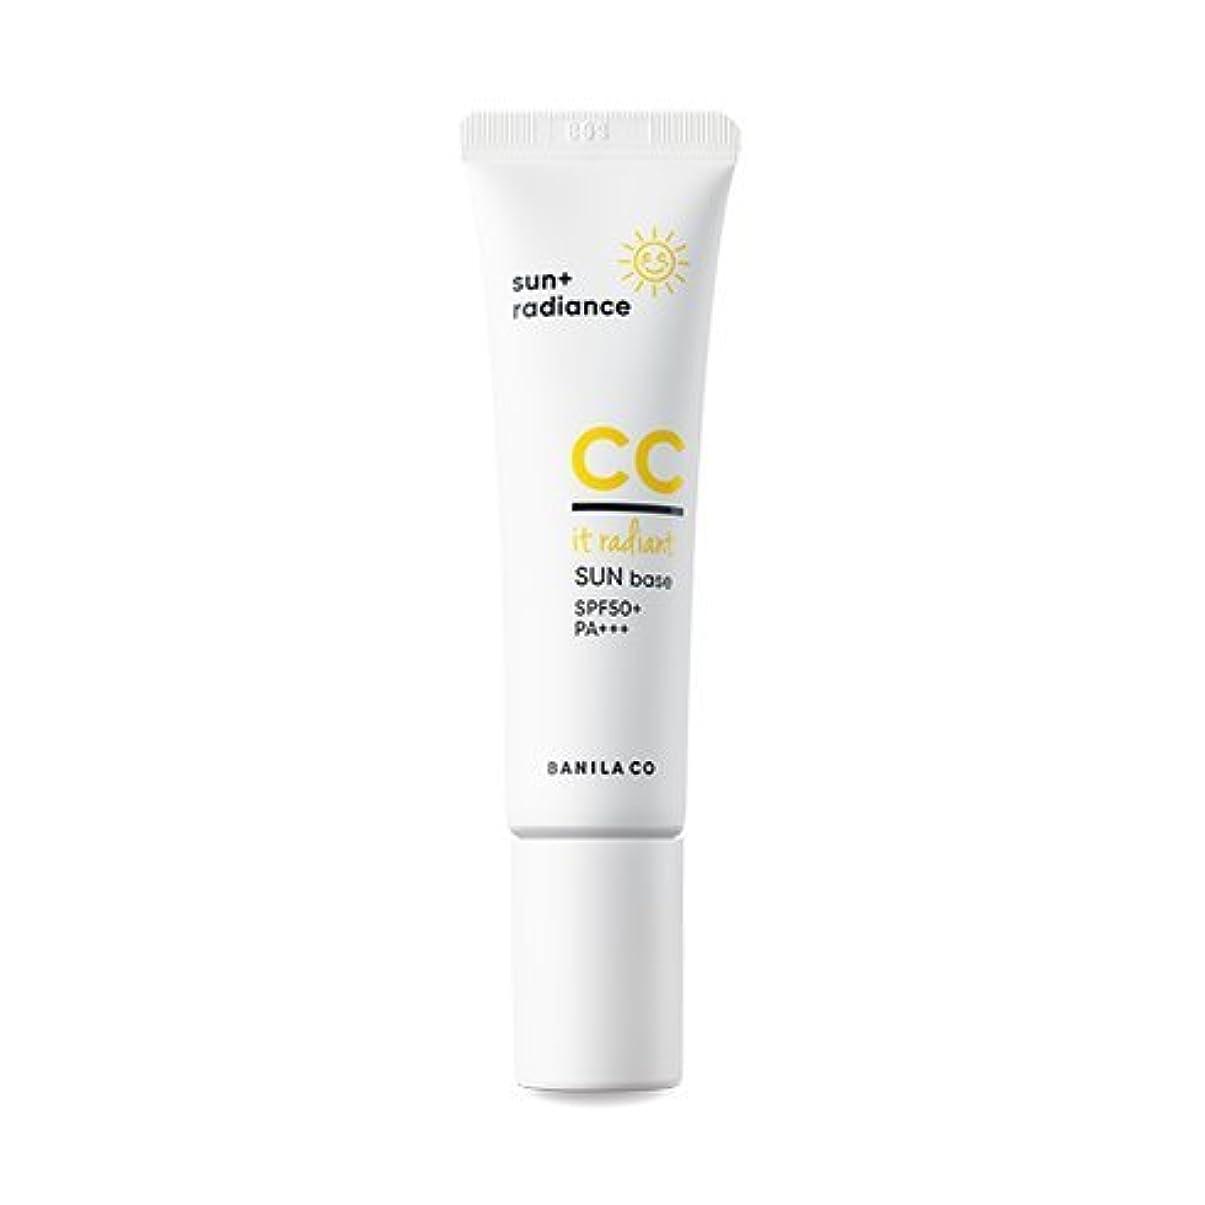 農奴米国アプライアンス[Renewal] BANILA CO It Radiant CC Sun Base 30ml/バニラコ イット ラディアント CC サン ベース 30ml [並行輸入品]